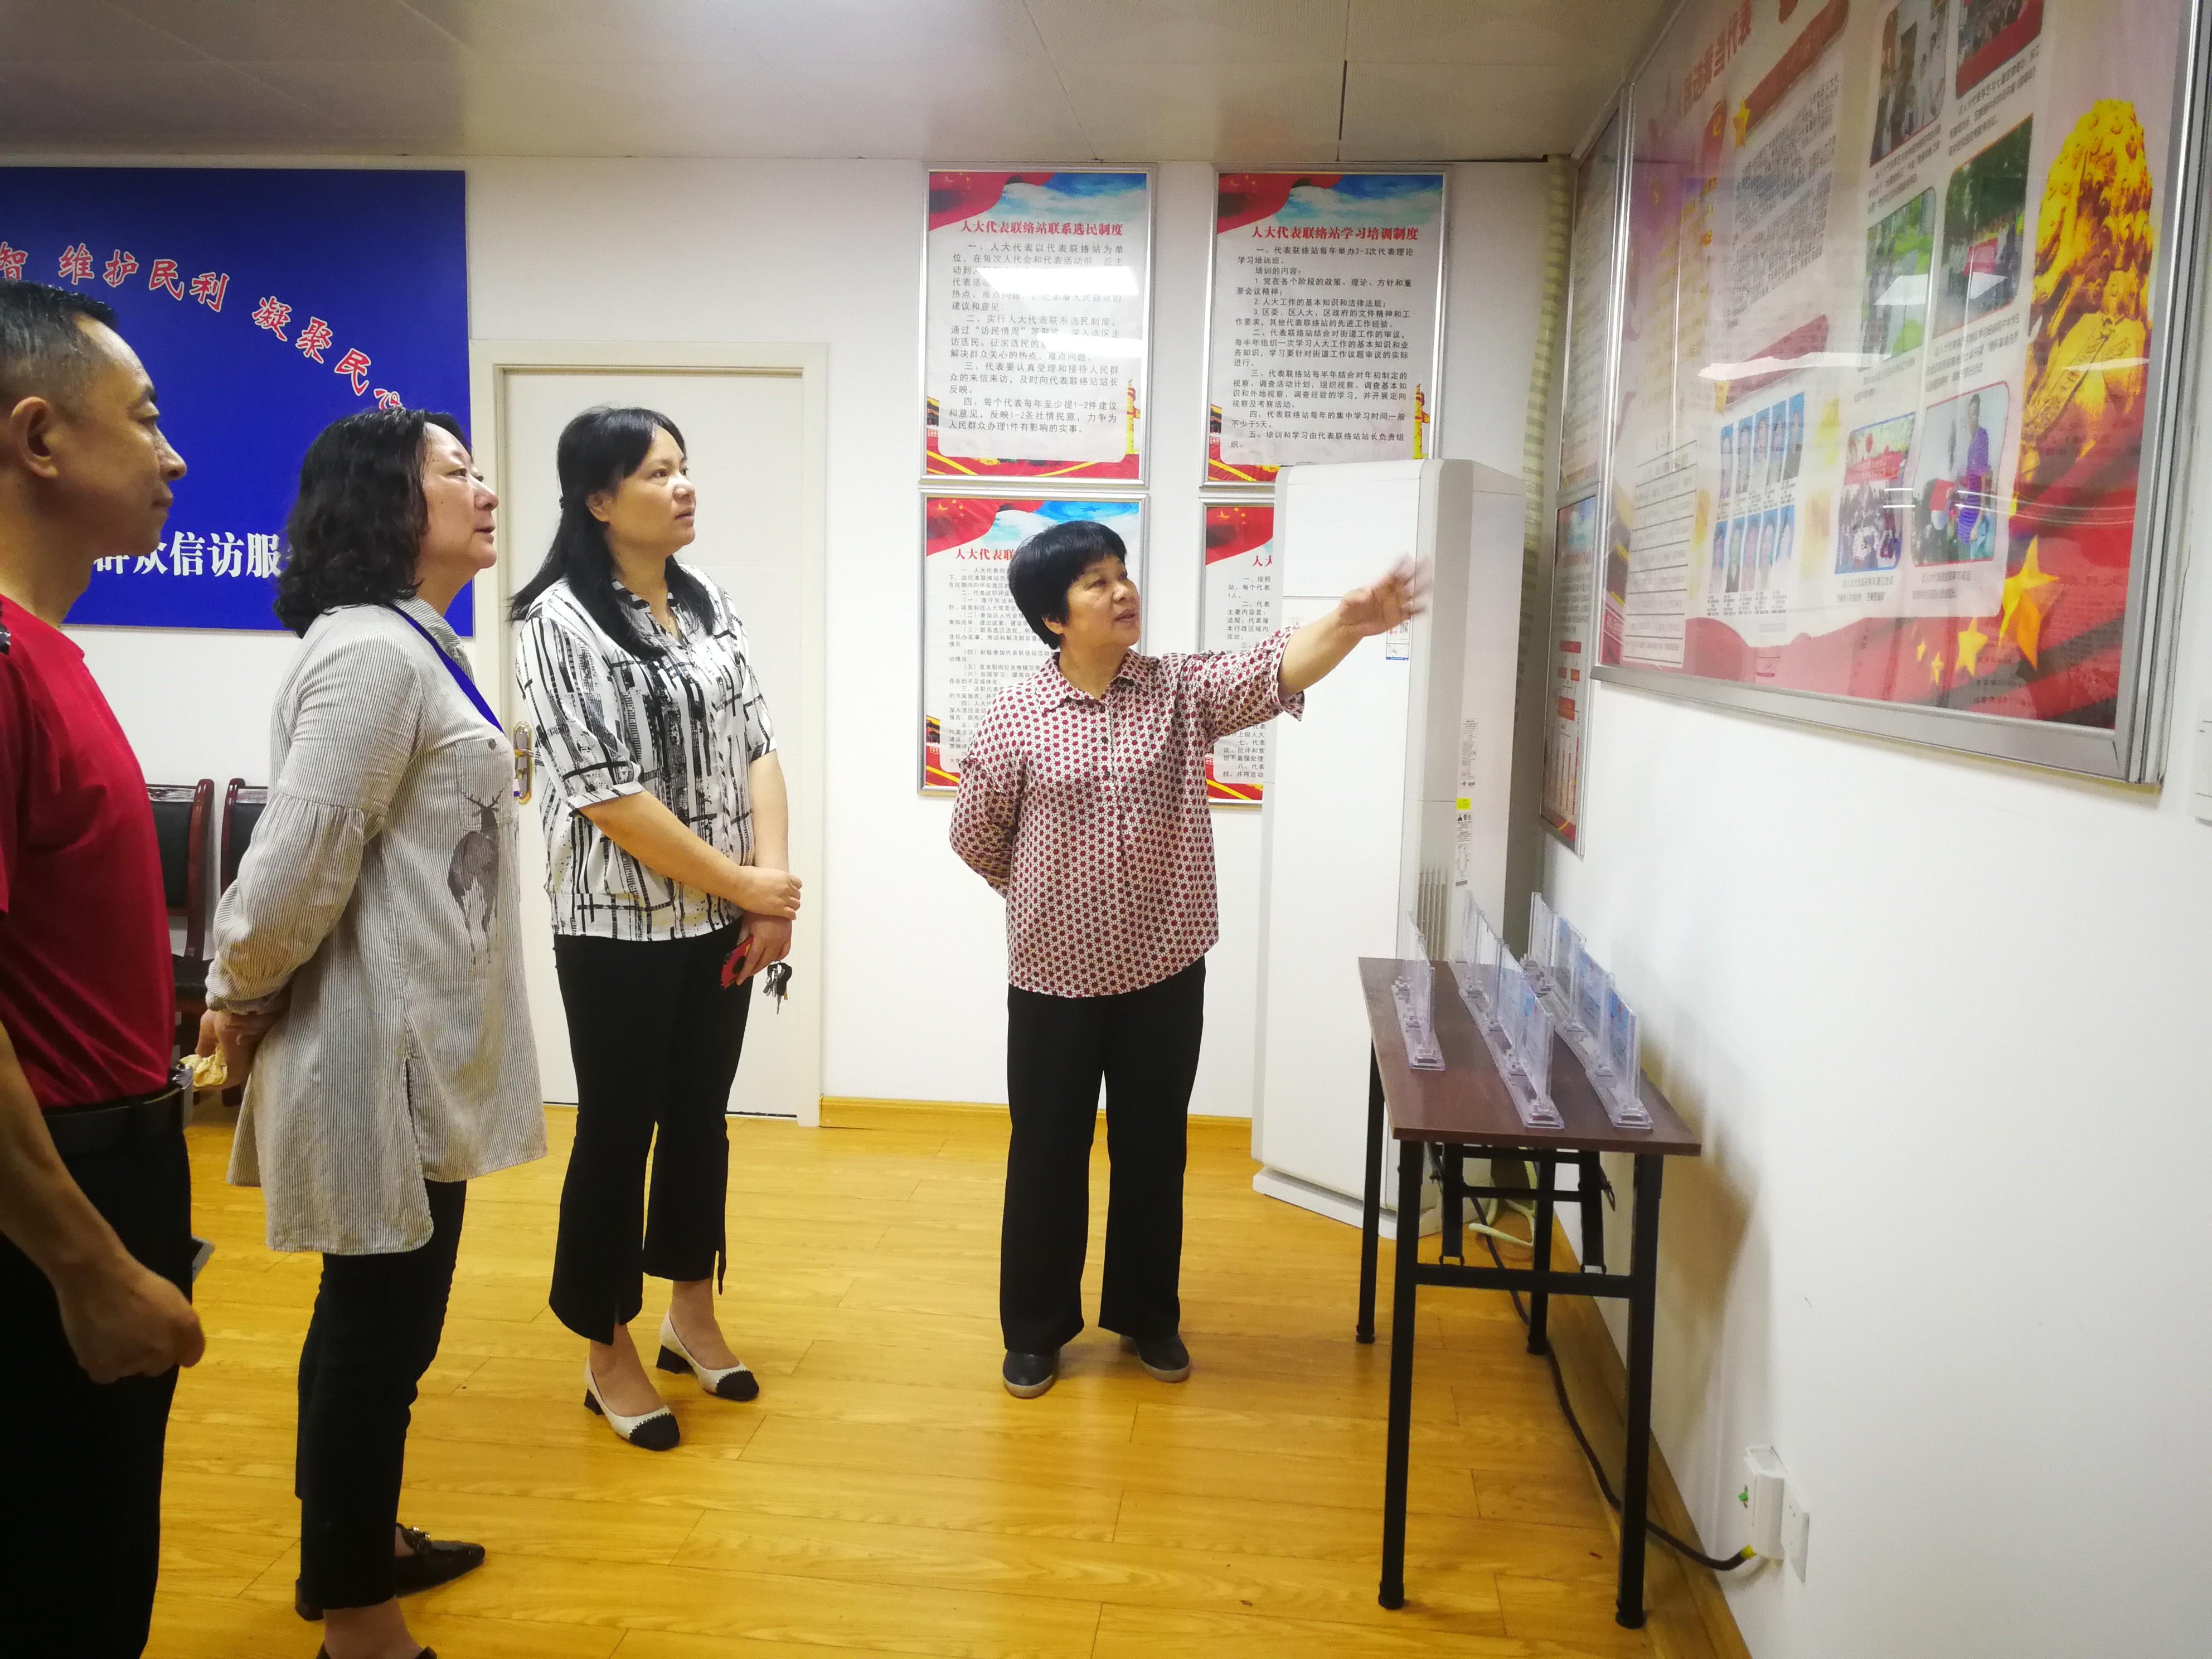 20210602(照片2)蒋瑞芳副主任深入六合社区开展党员心声大家谈主题活动.jpg